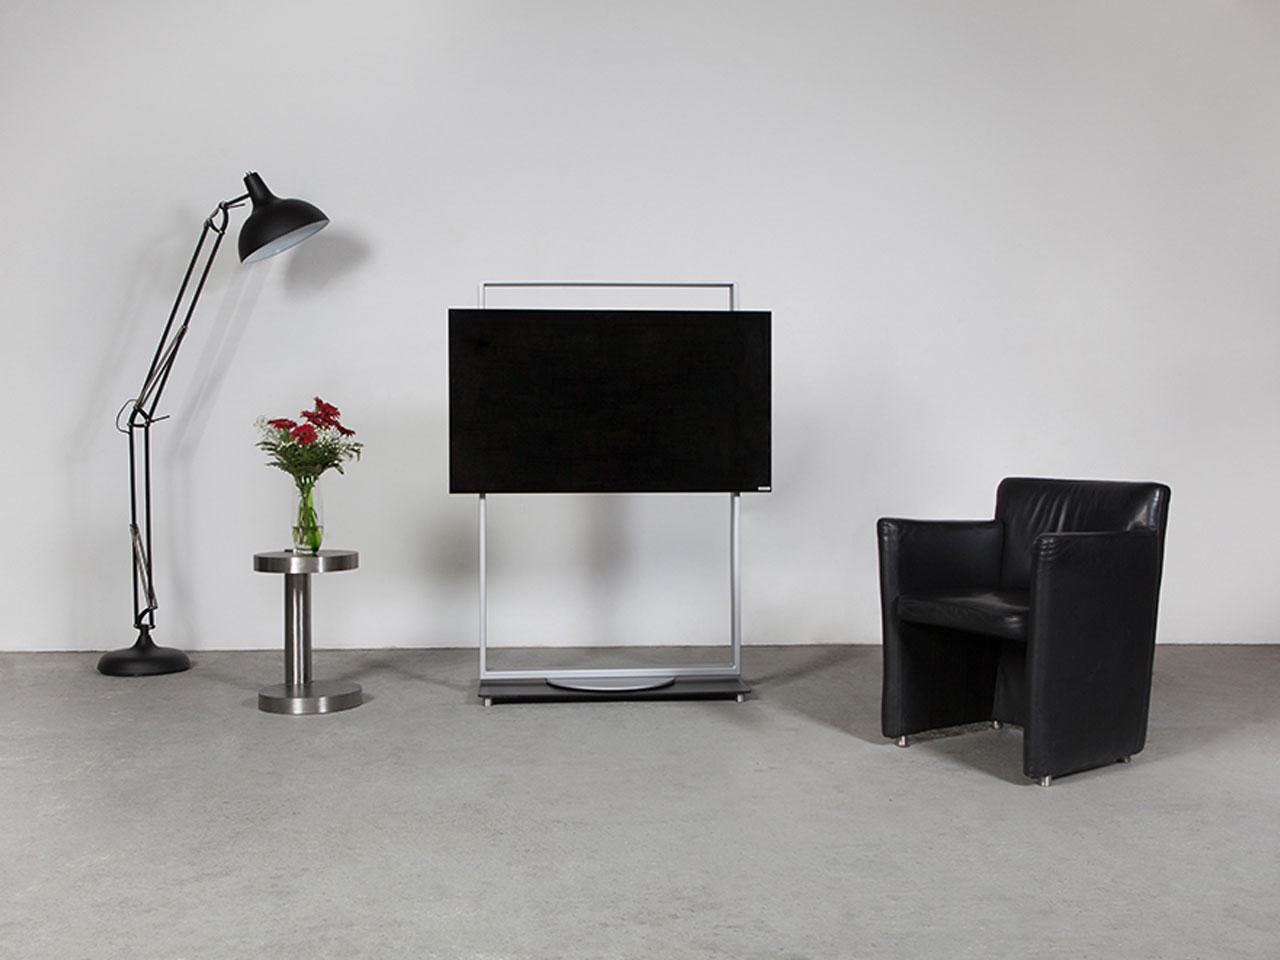 wissmann tv halter frame art 146 g nstig kaufen cmb systeme. Black Bedroom Furniture Sets. Home Design Ideas